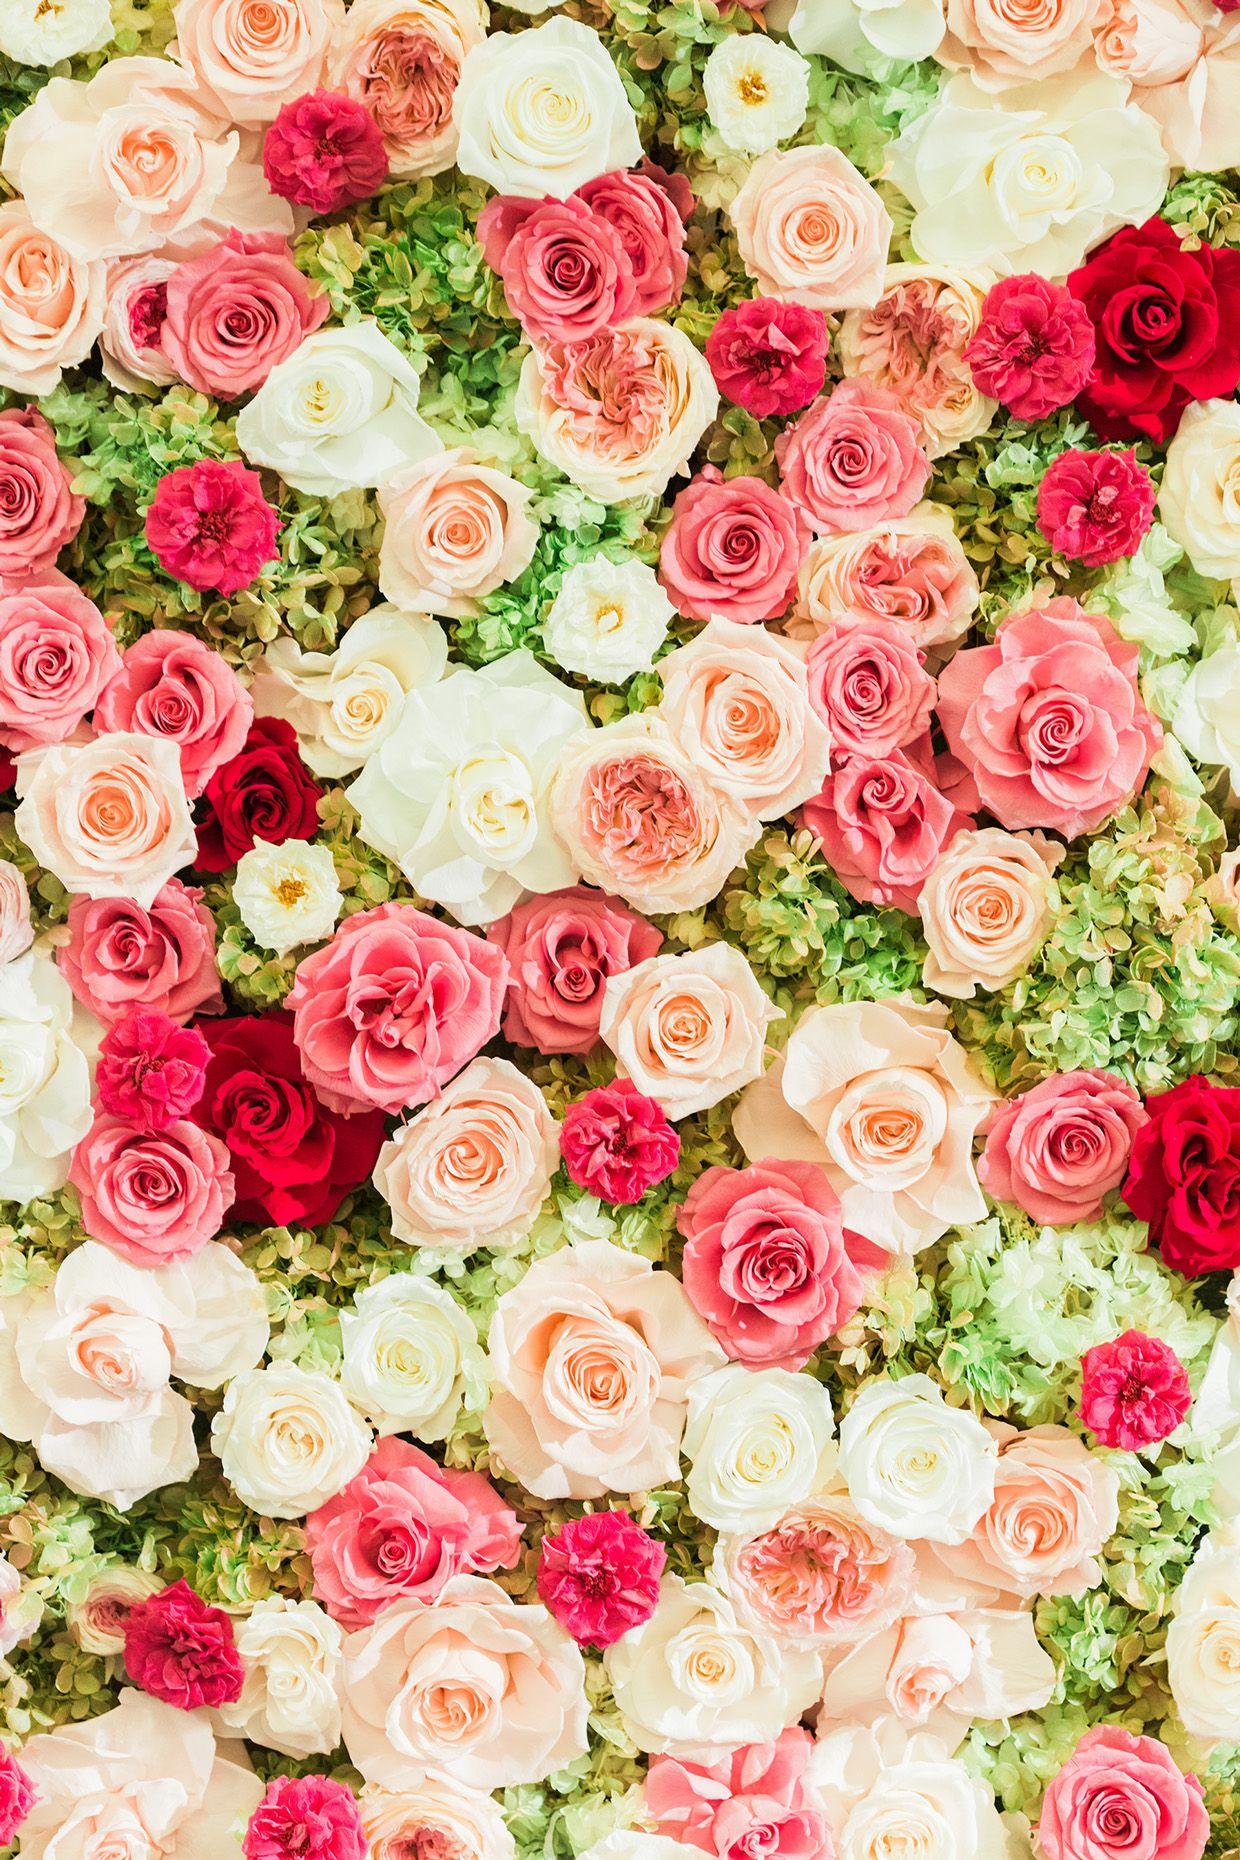 Everlasting Flower Wall 2015 Flower Phone Wallpaper Rose Flower Wallpaper Floral Wallpaper Iphone